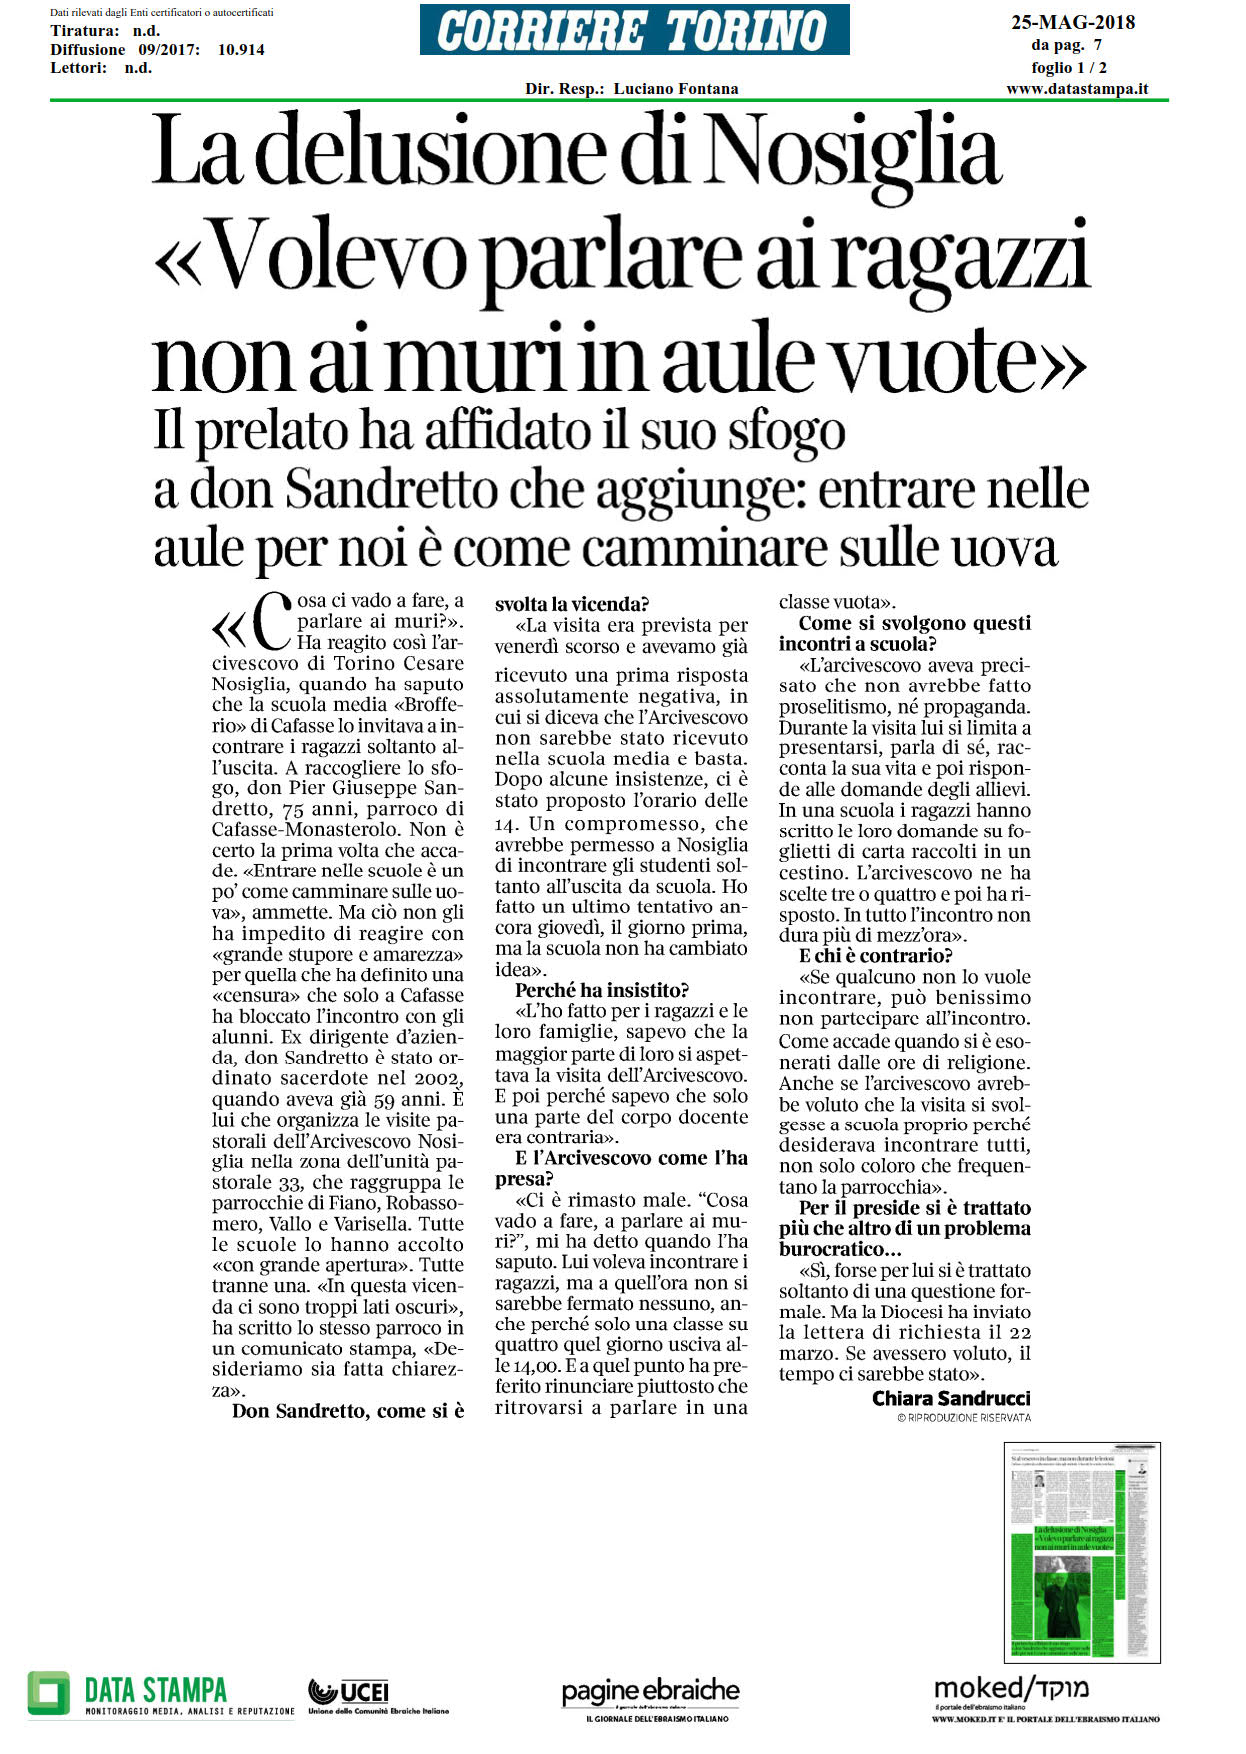 Torino negata visita pastorale